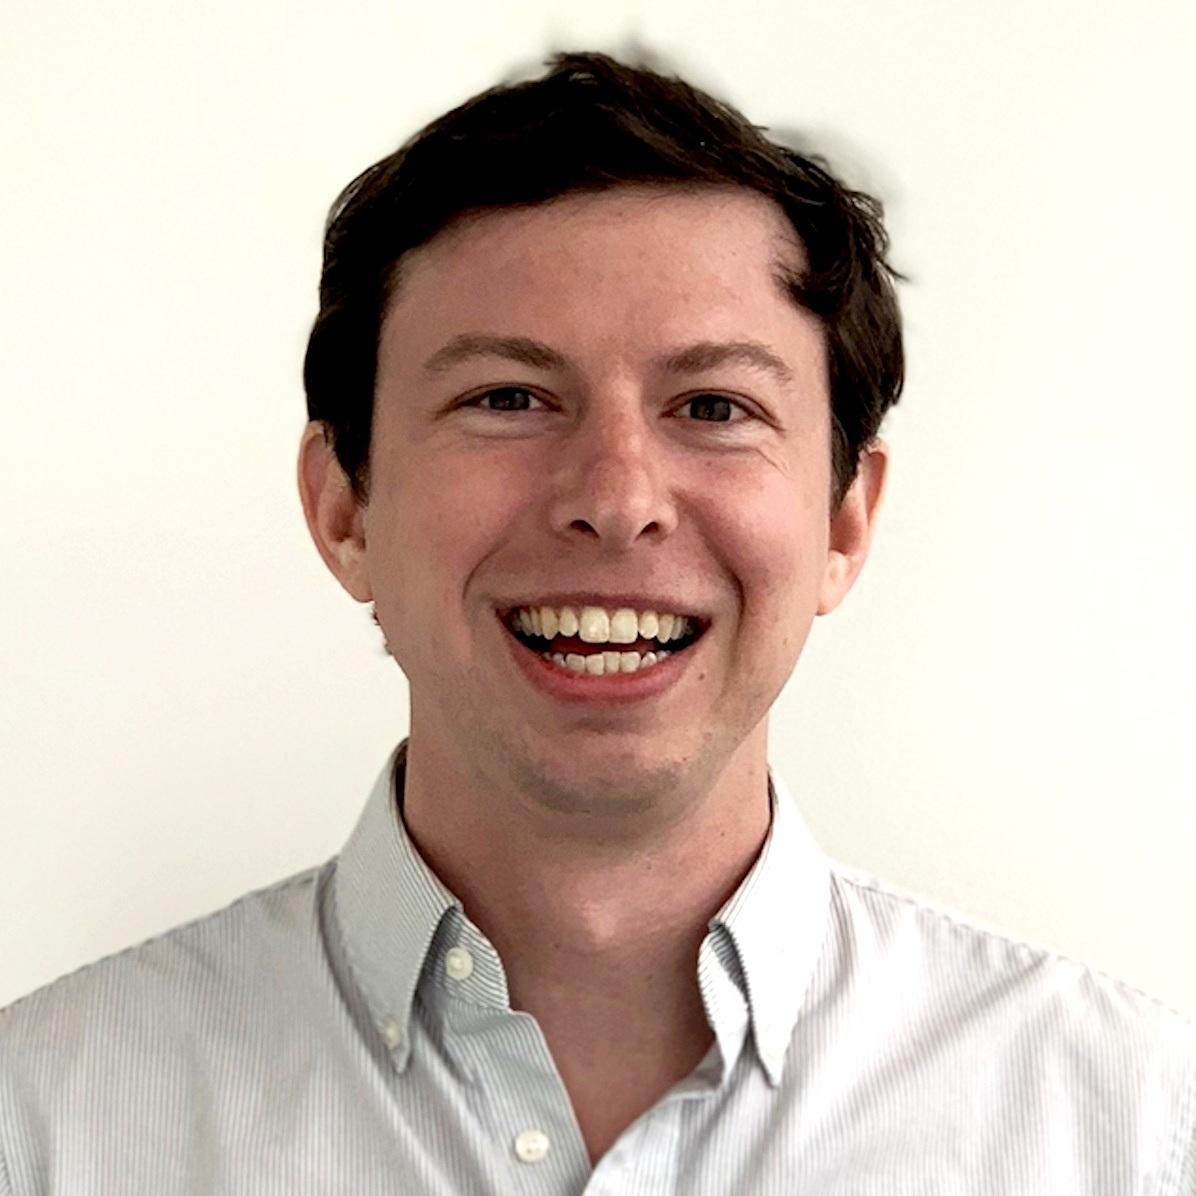 David van Dokkum, Director of Product